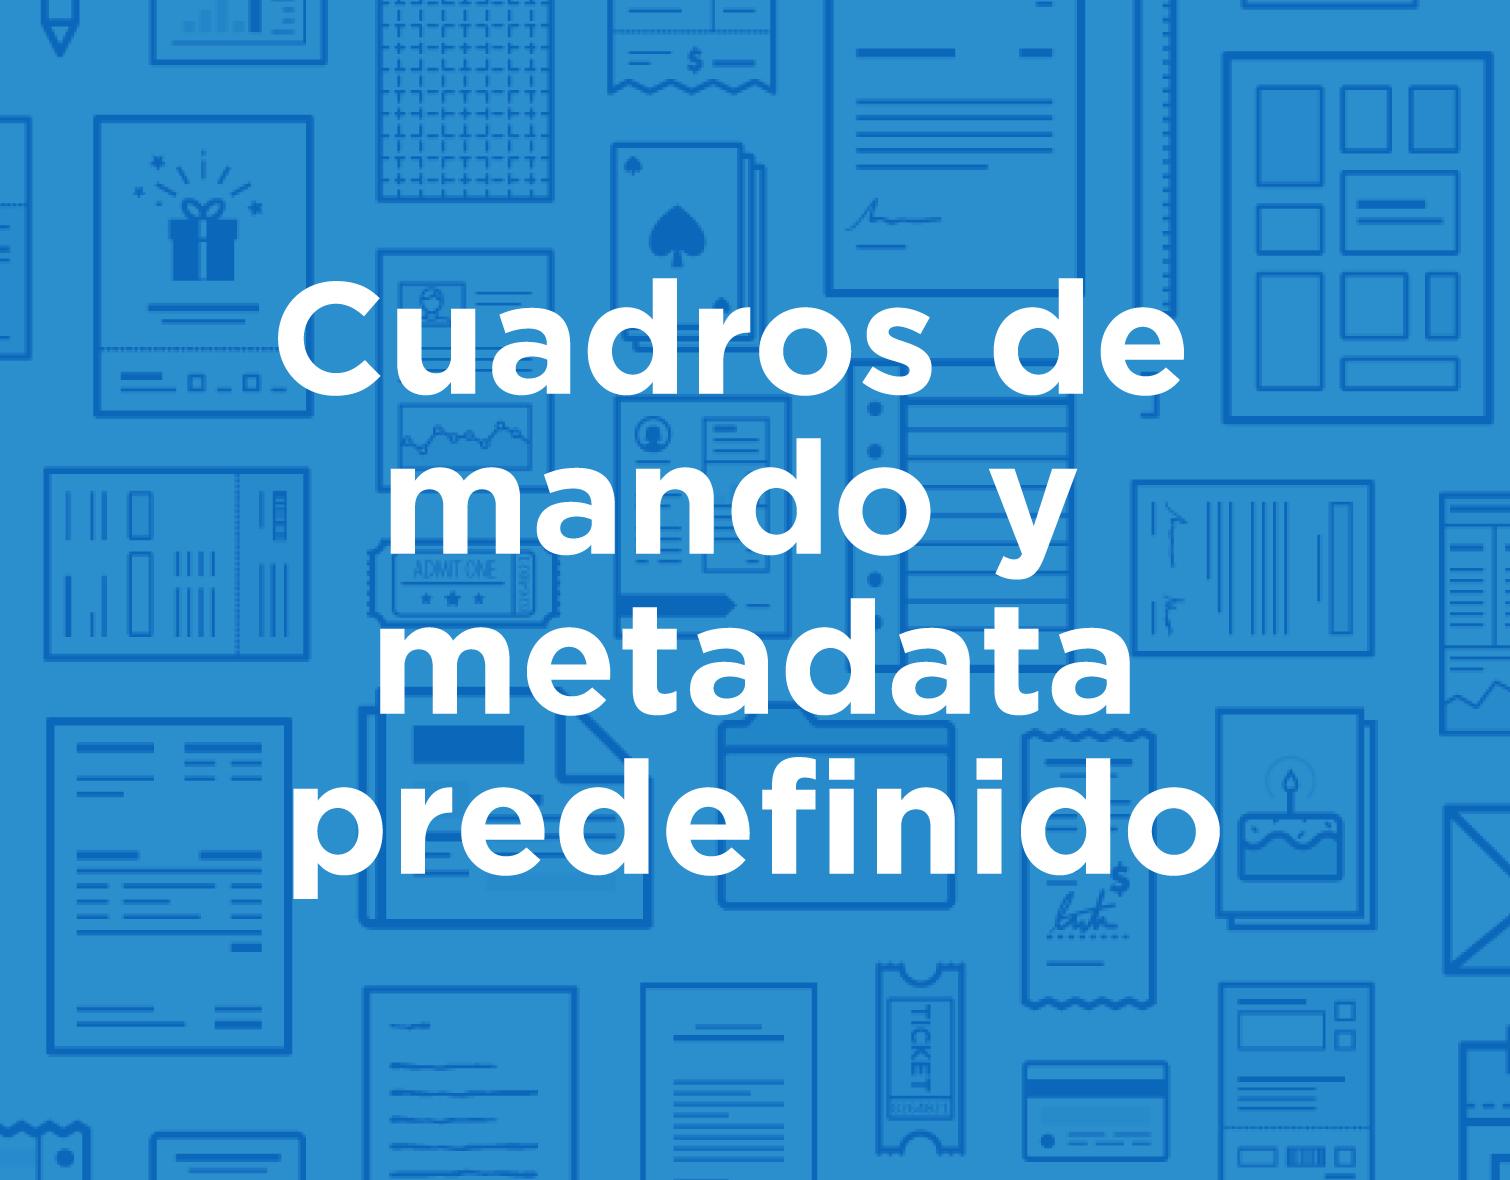 icon_products_spa_Cuadros-de-mando-y-Metadata-predefinido.jpg